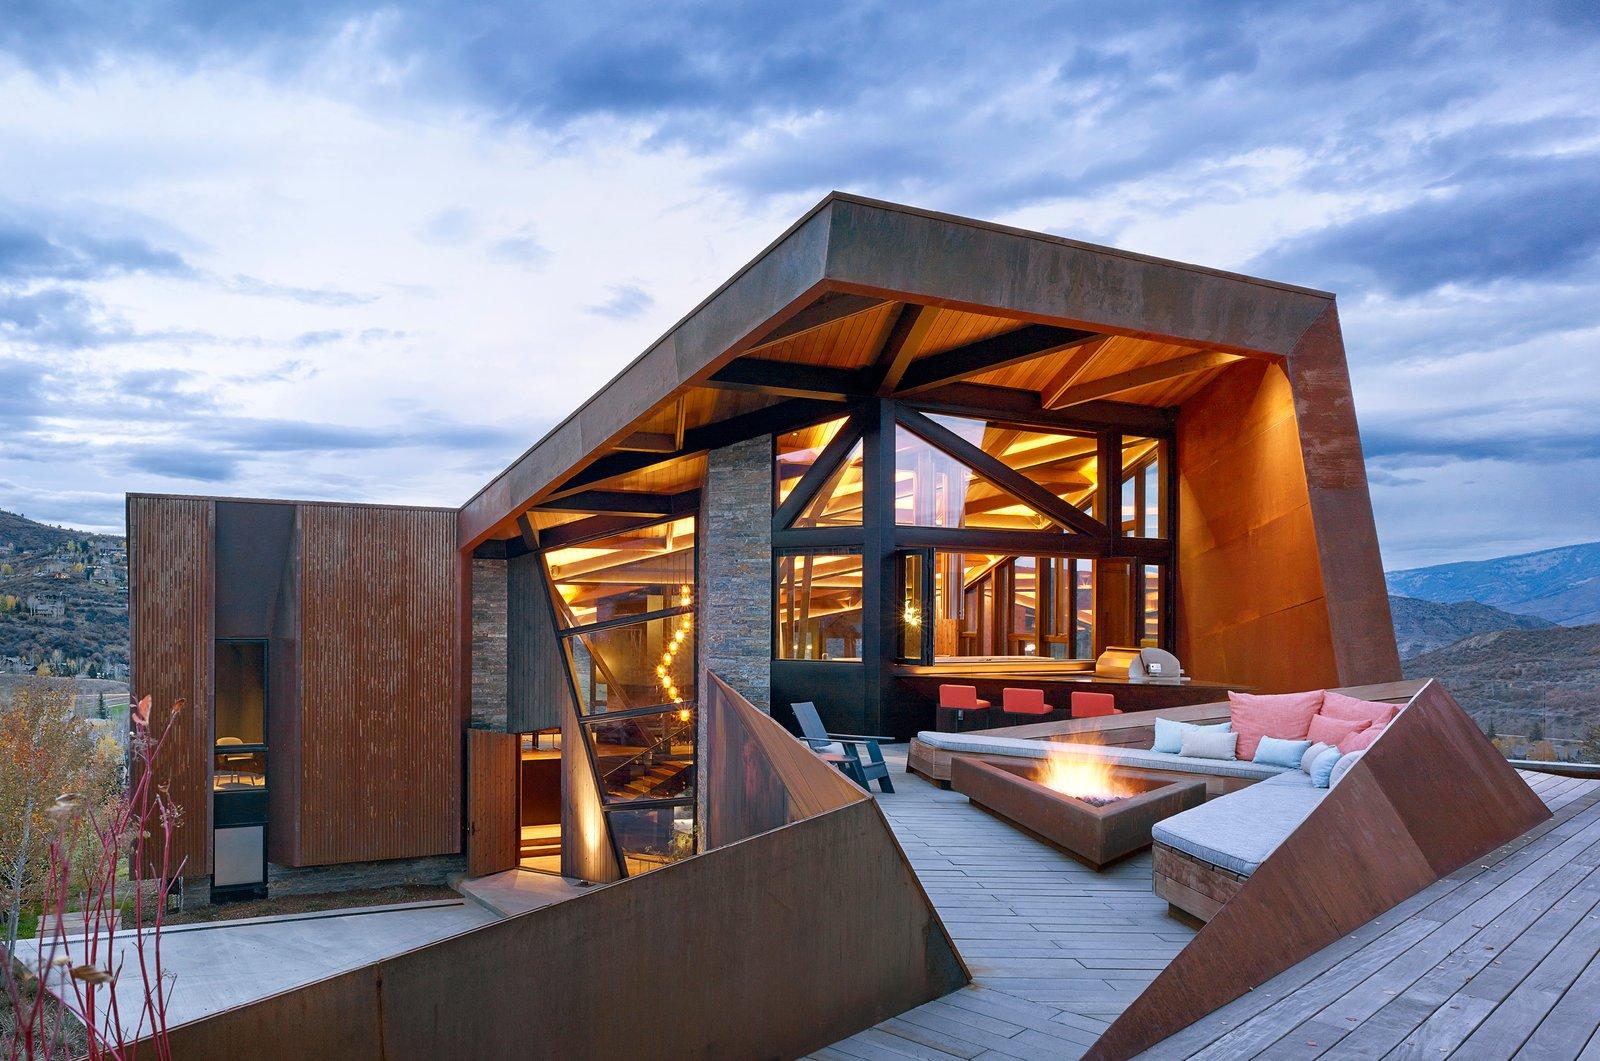 breathtaking mountain home designs colorado. An Angular Mountain Retreat in Colorado Captures Breathtaking Views